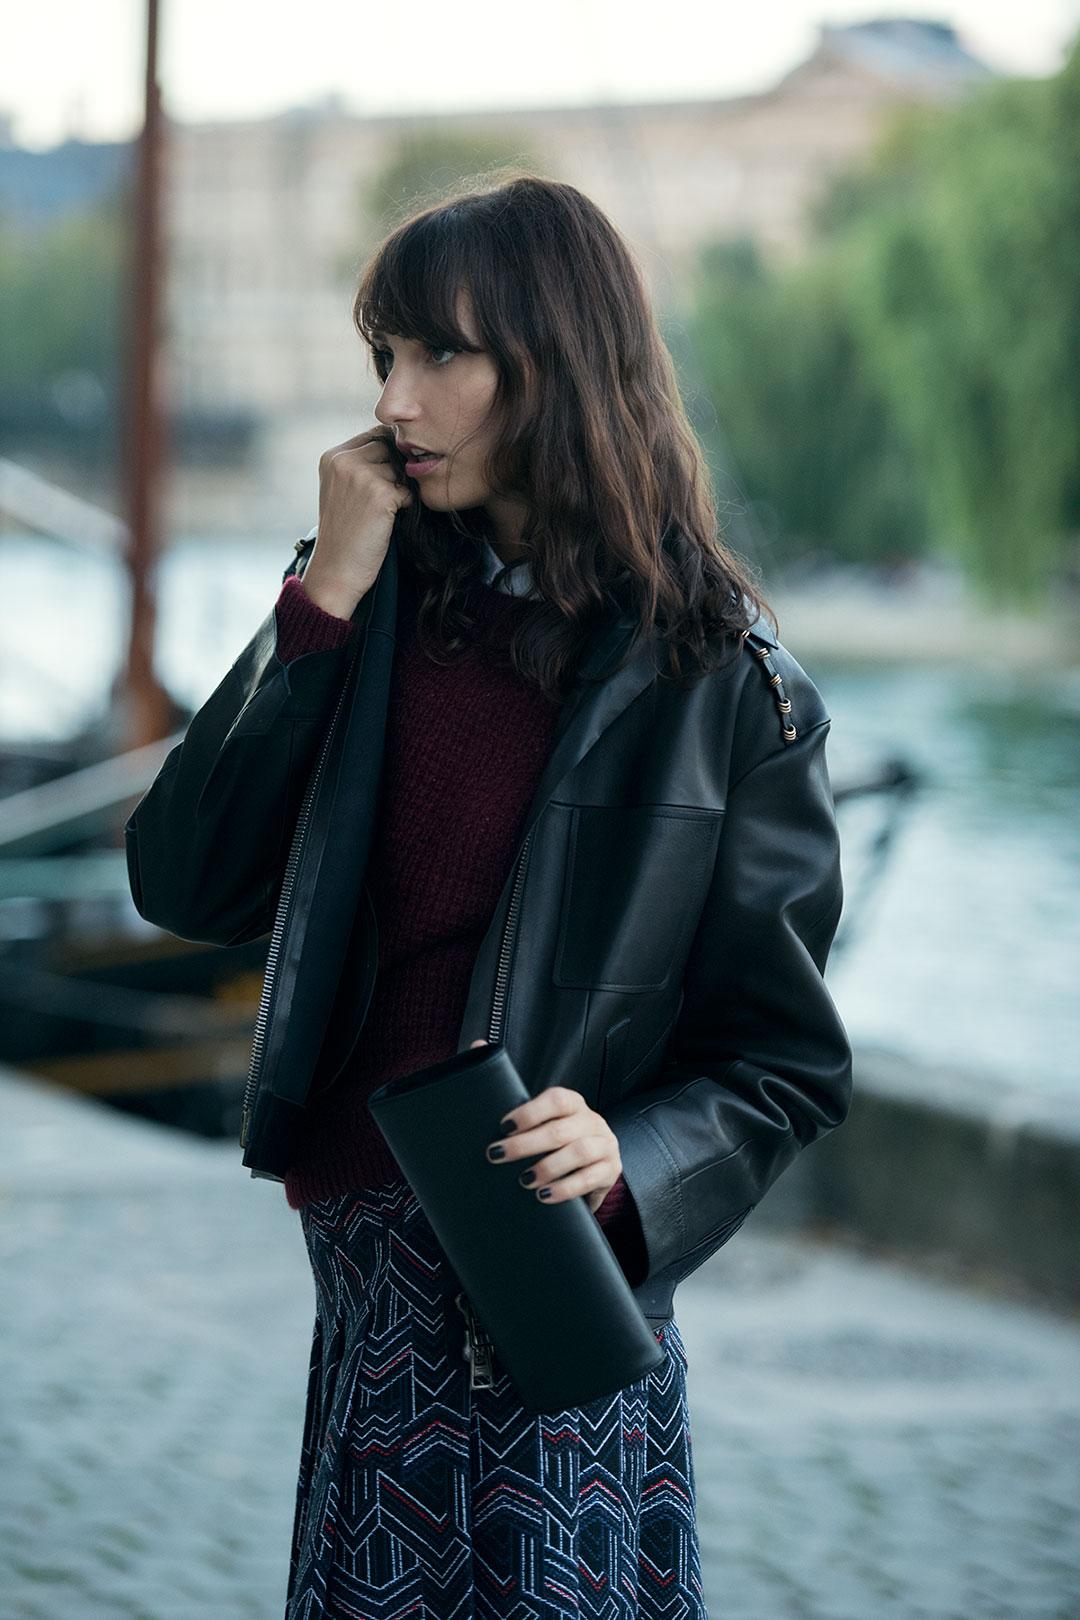 guerlain-paris-mitmeblog-web-20